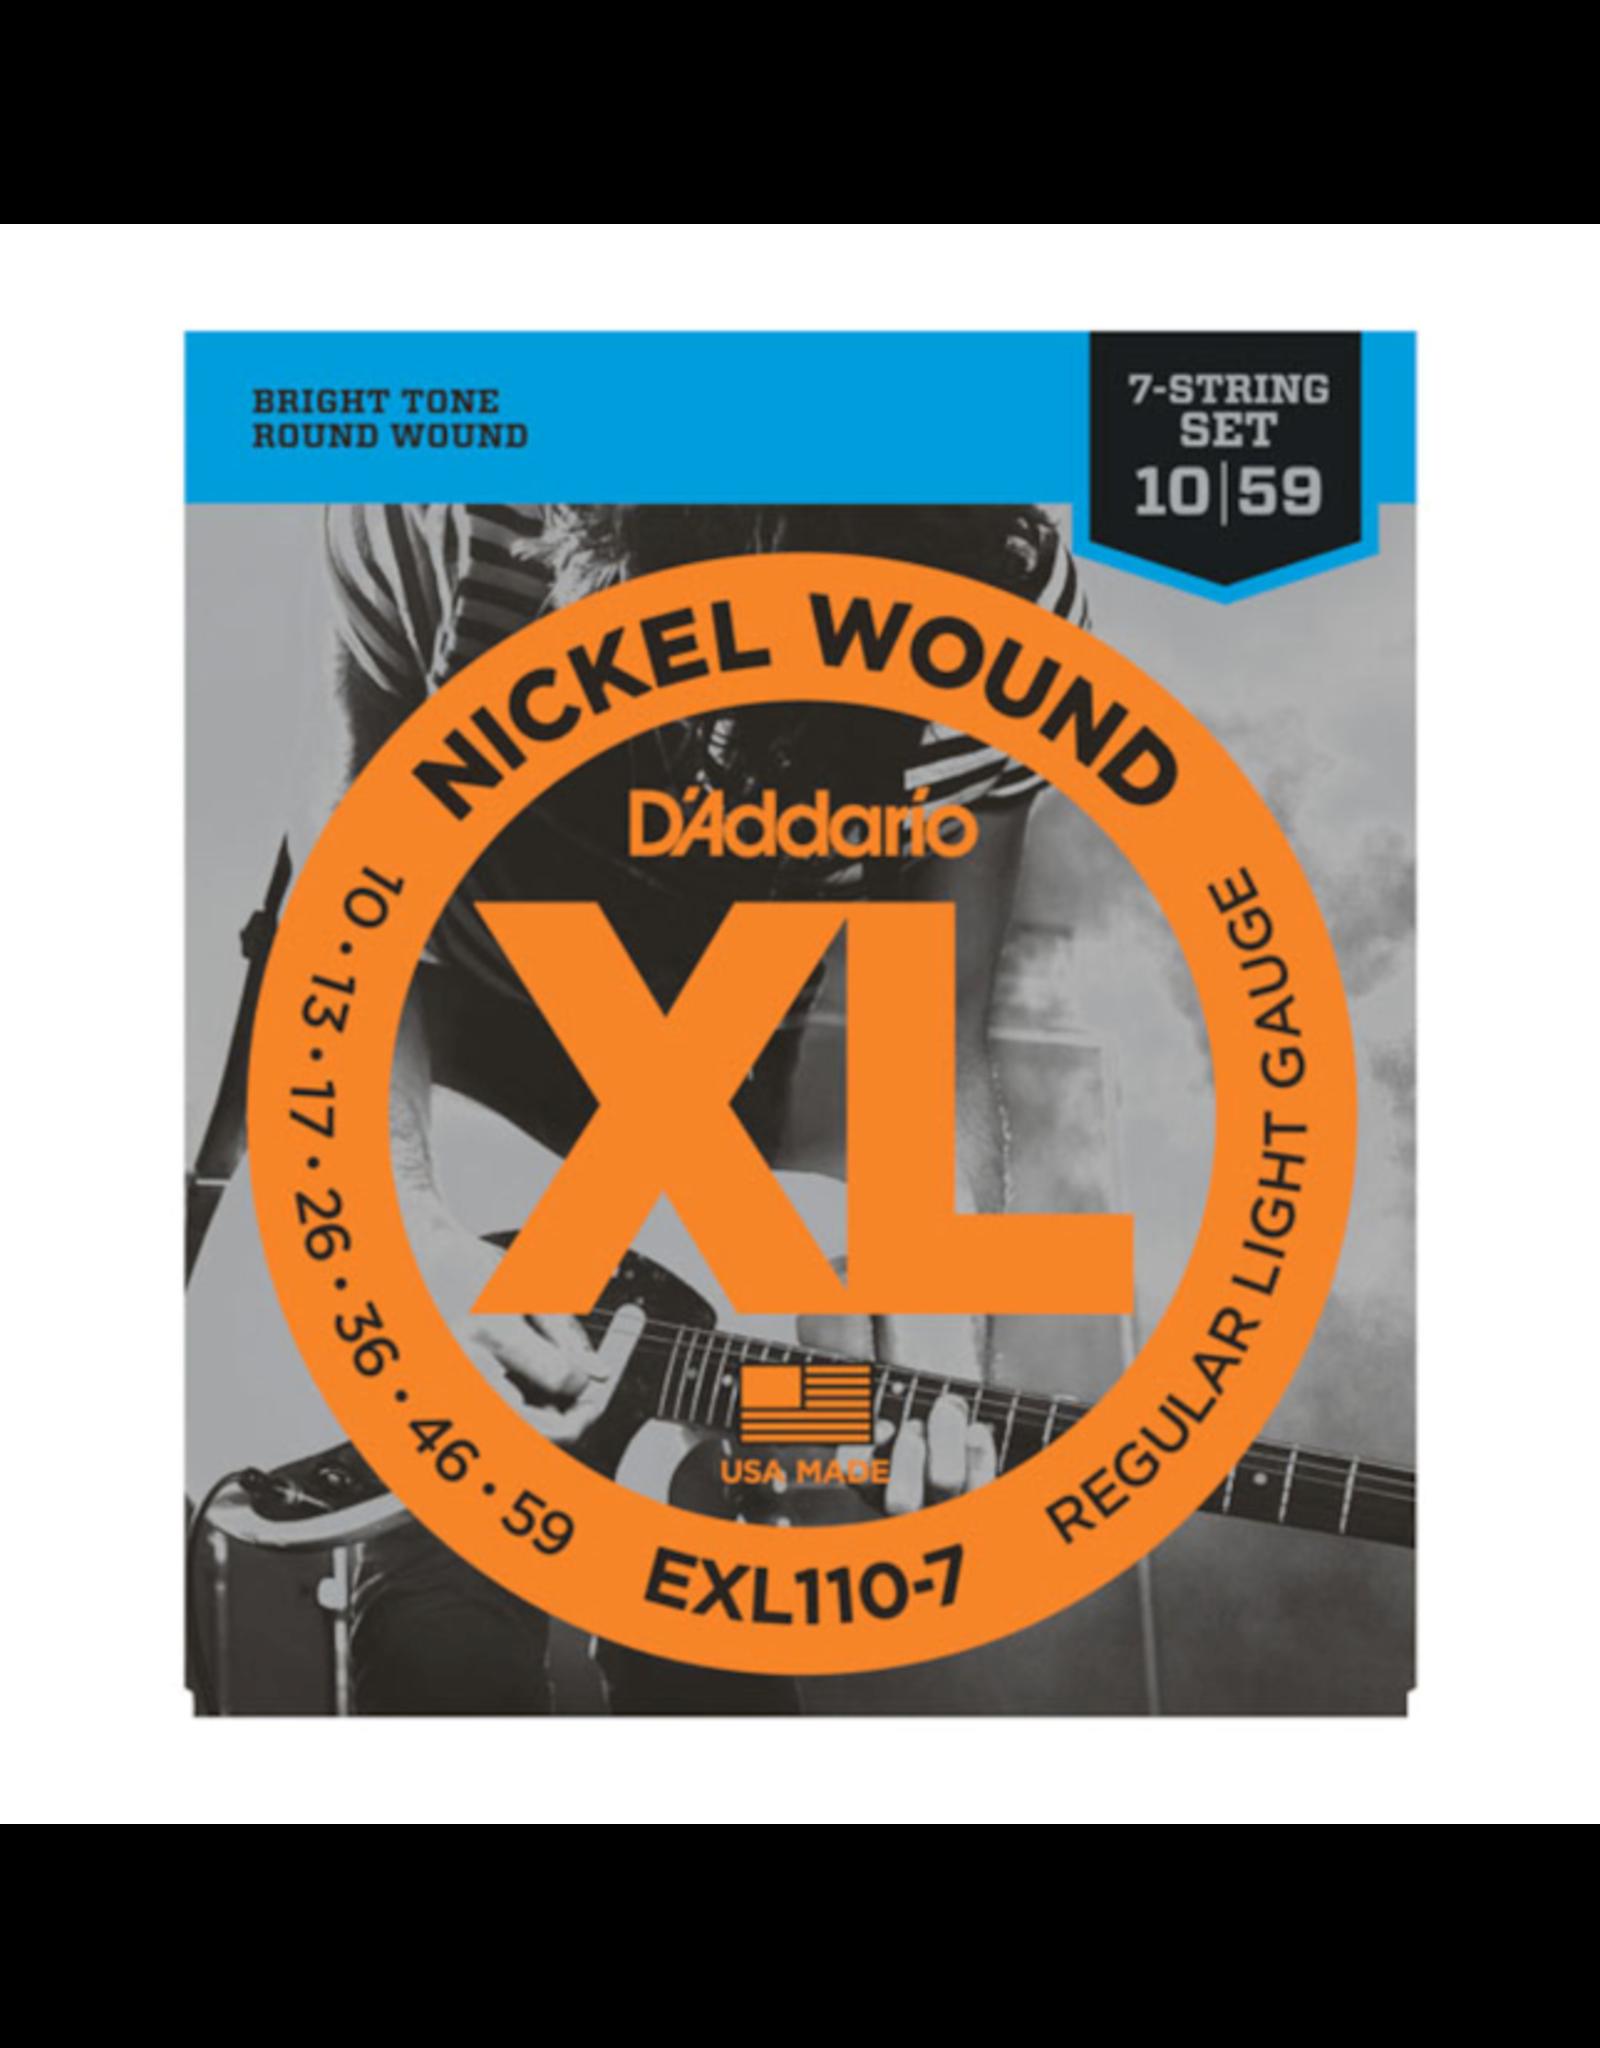 D'Addario D'Addario EXL110-7 7string 0.10